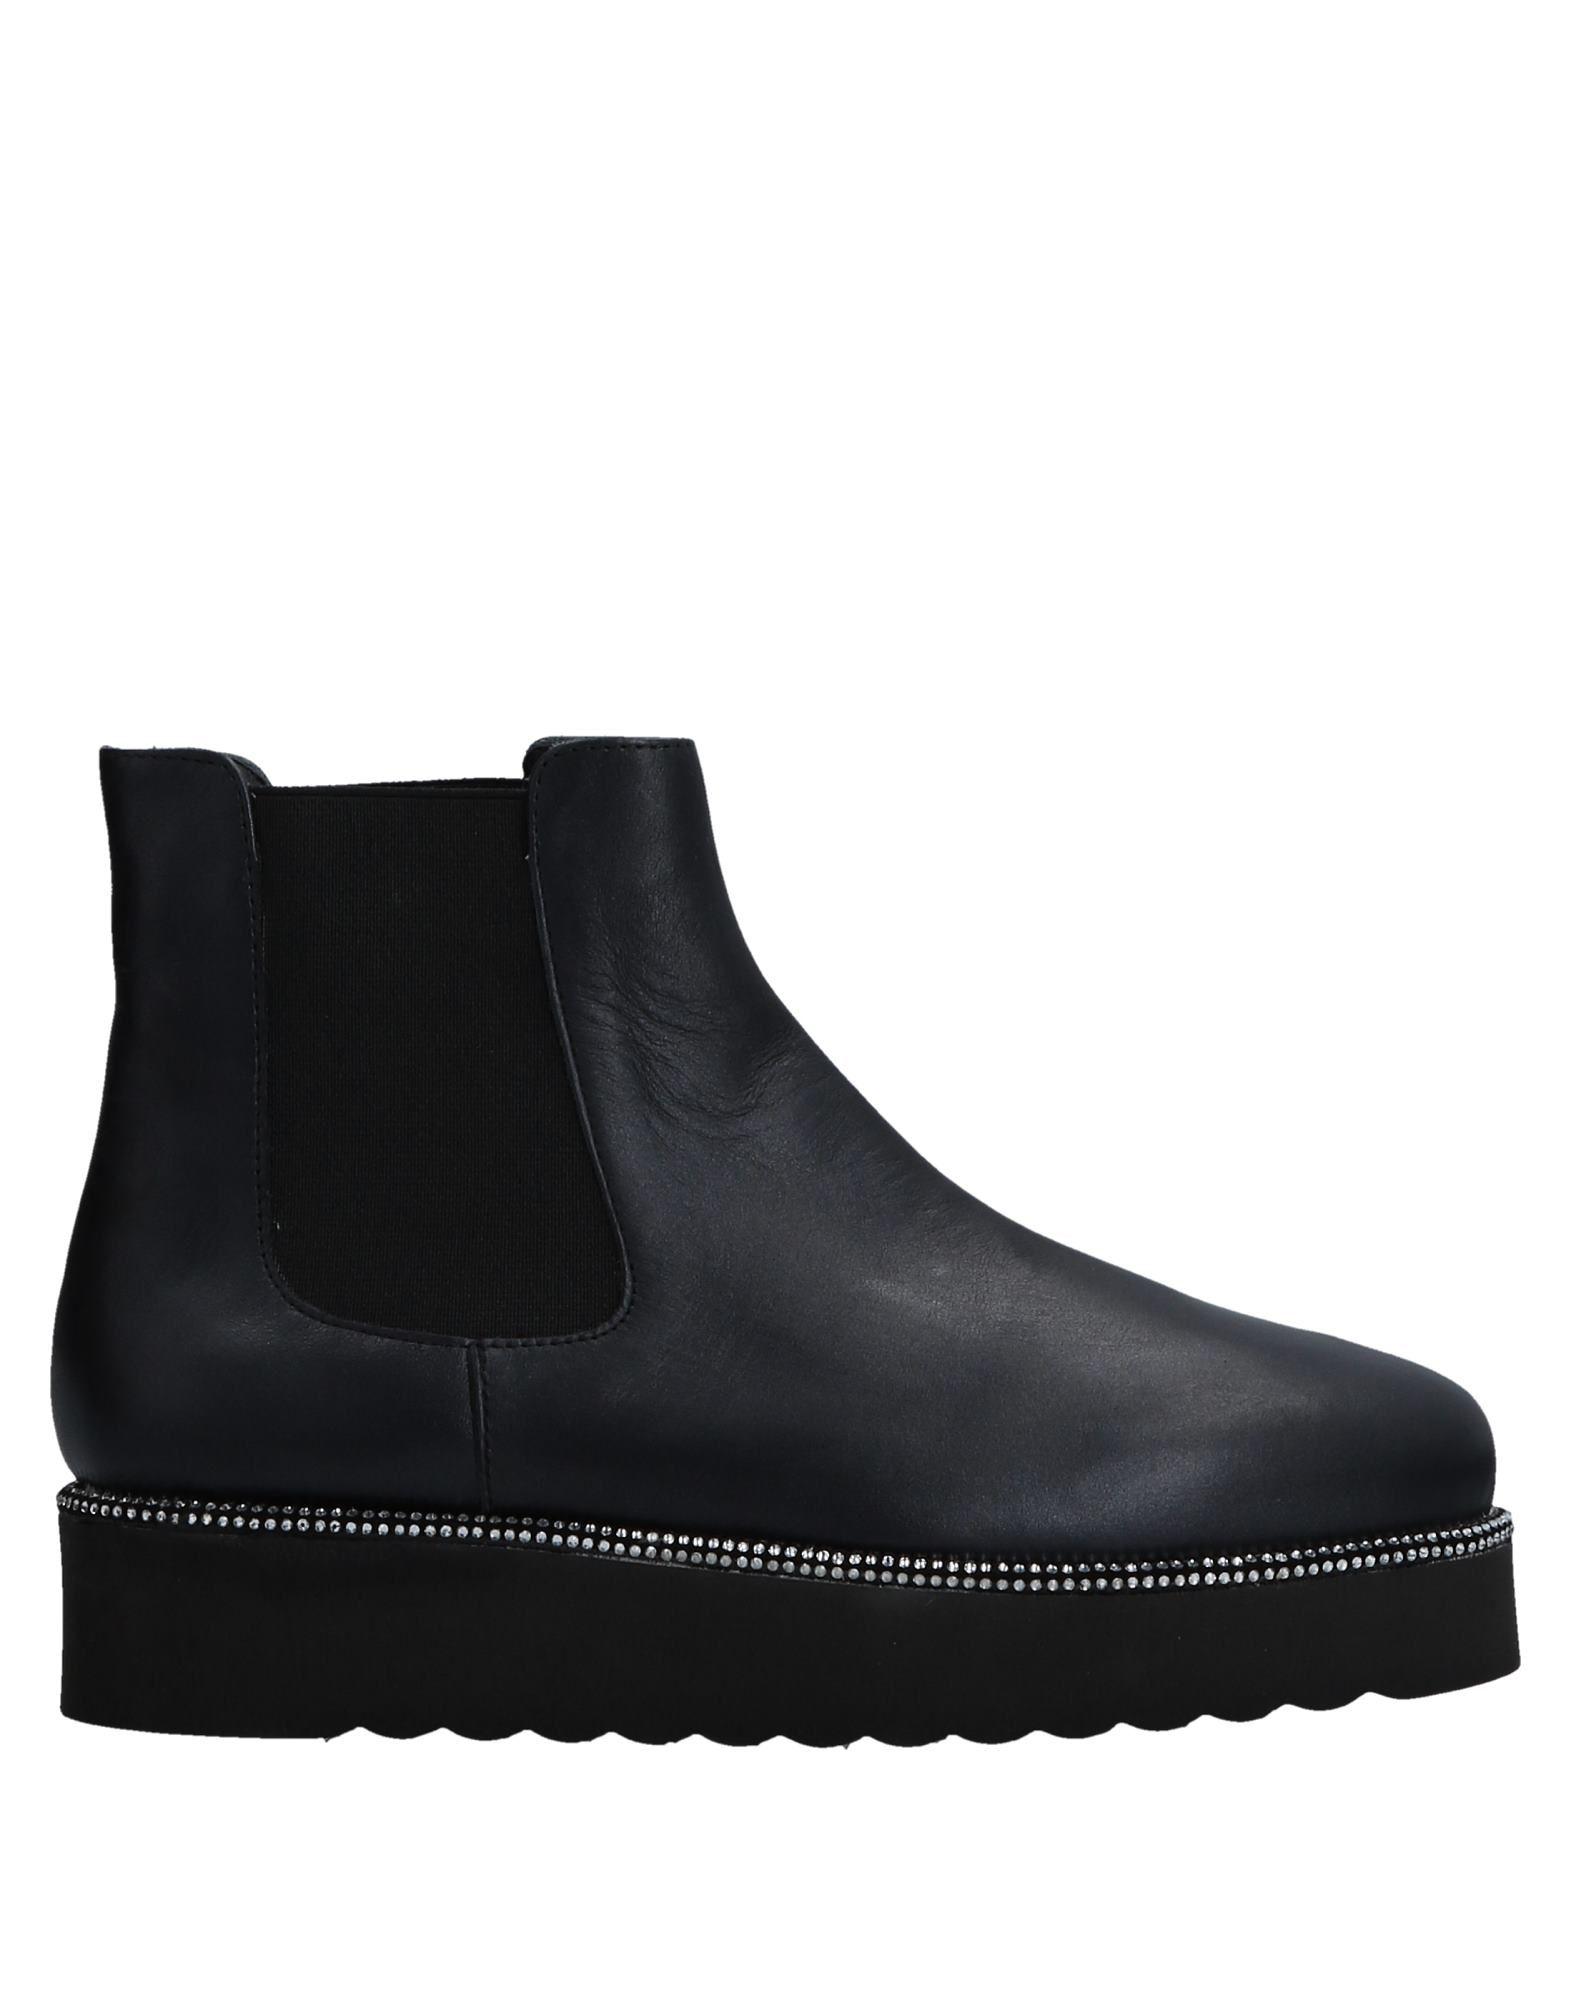 Gut um Boots billige Schuhe zu tragenFiorina Chelsea Boots um Damen  11532937SP 1e139f